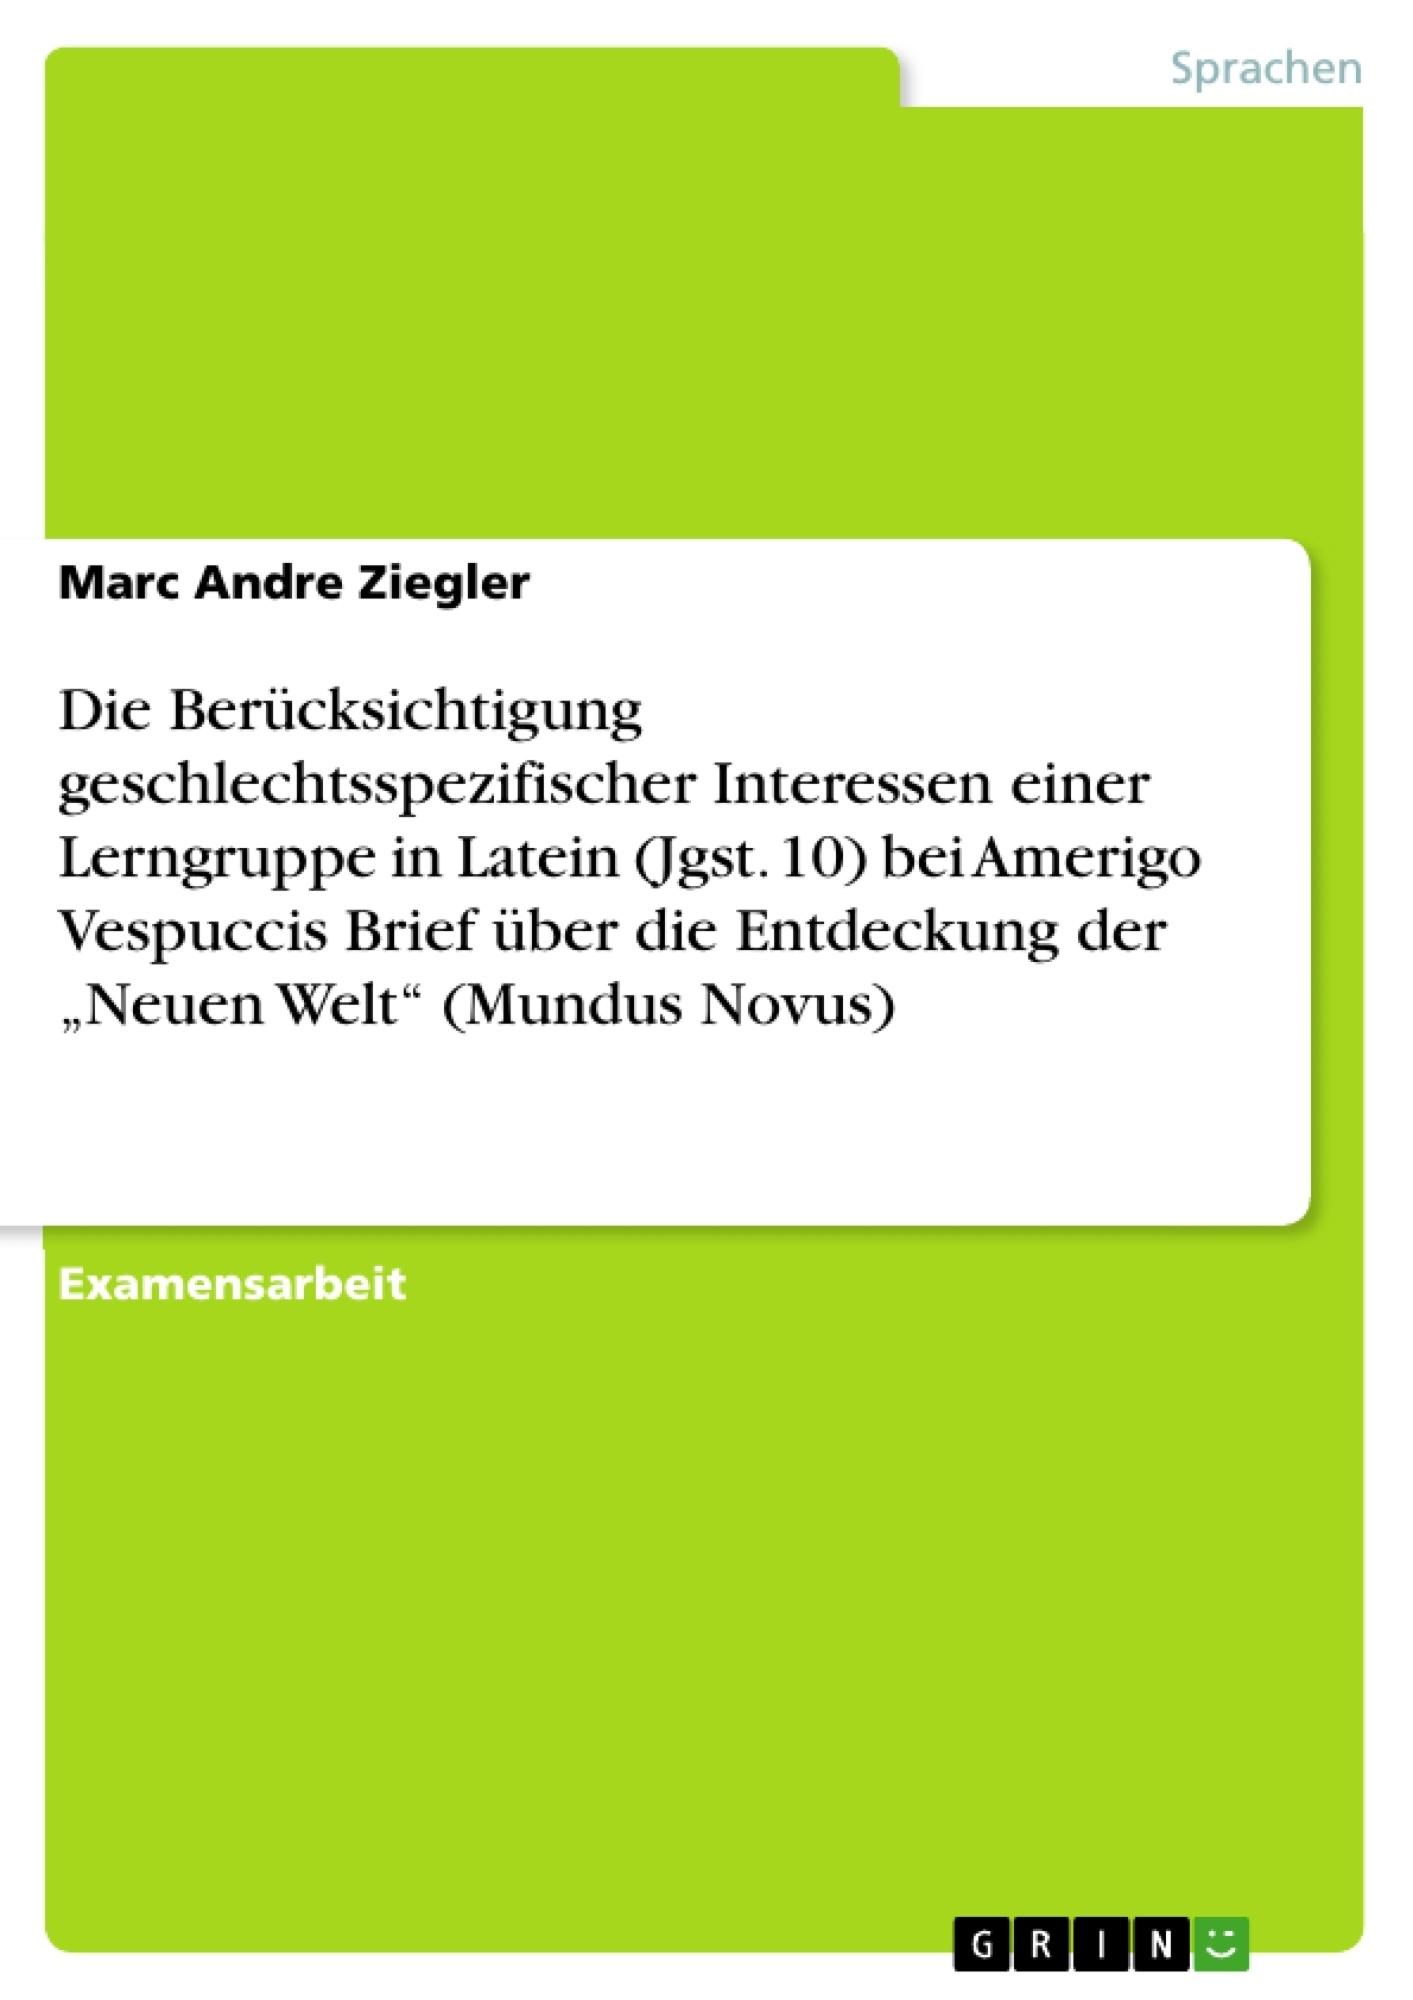 """Titel: Die Berücksichtigung geschlechtsspezifischer Interessen einer Lerngruppe in Latein (Jgst. 10) bei Amerigo Vespuccis Brief über die Entdeckung der """"Neuen Welt"""" (Mundus Novus)"""